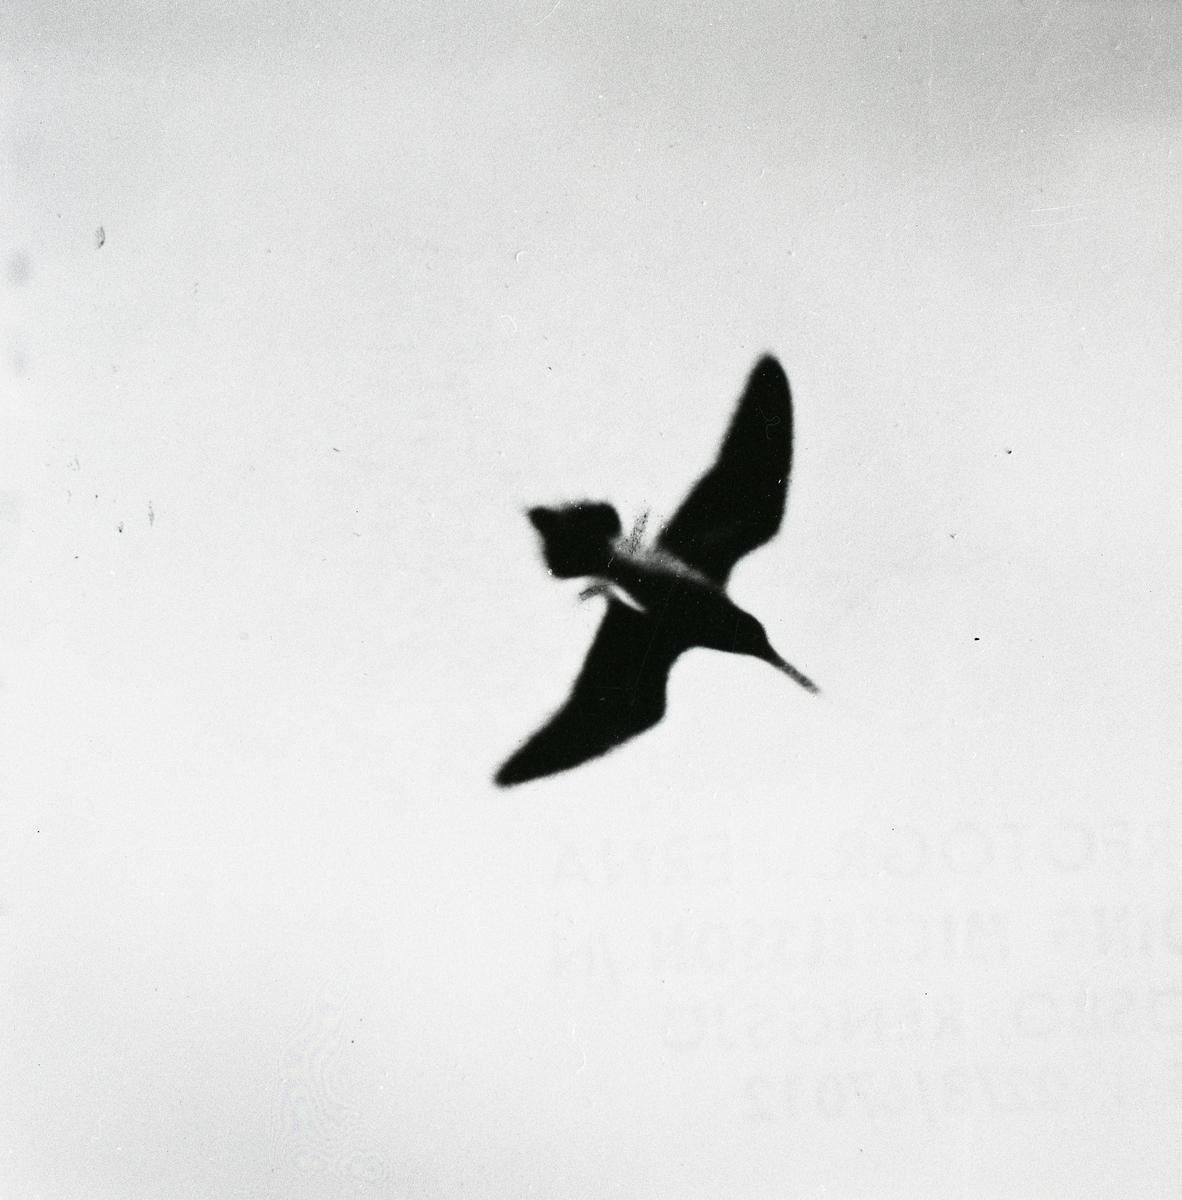 En flygande enkelbeckasin, 1968.